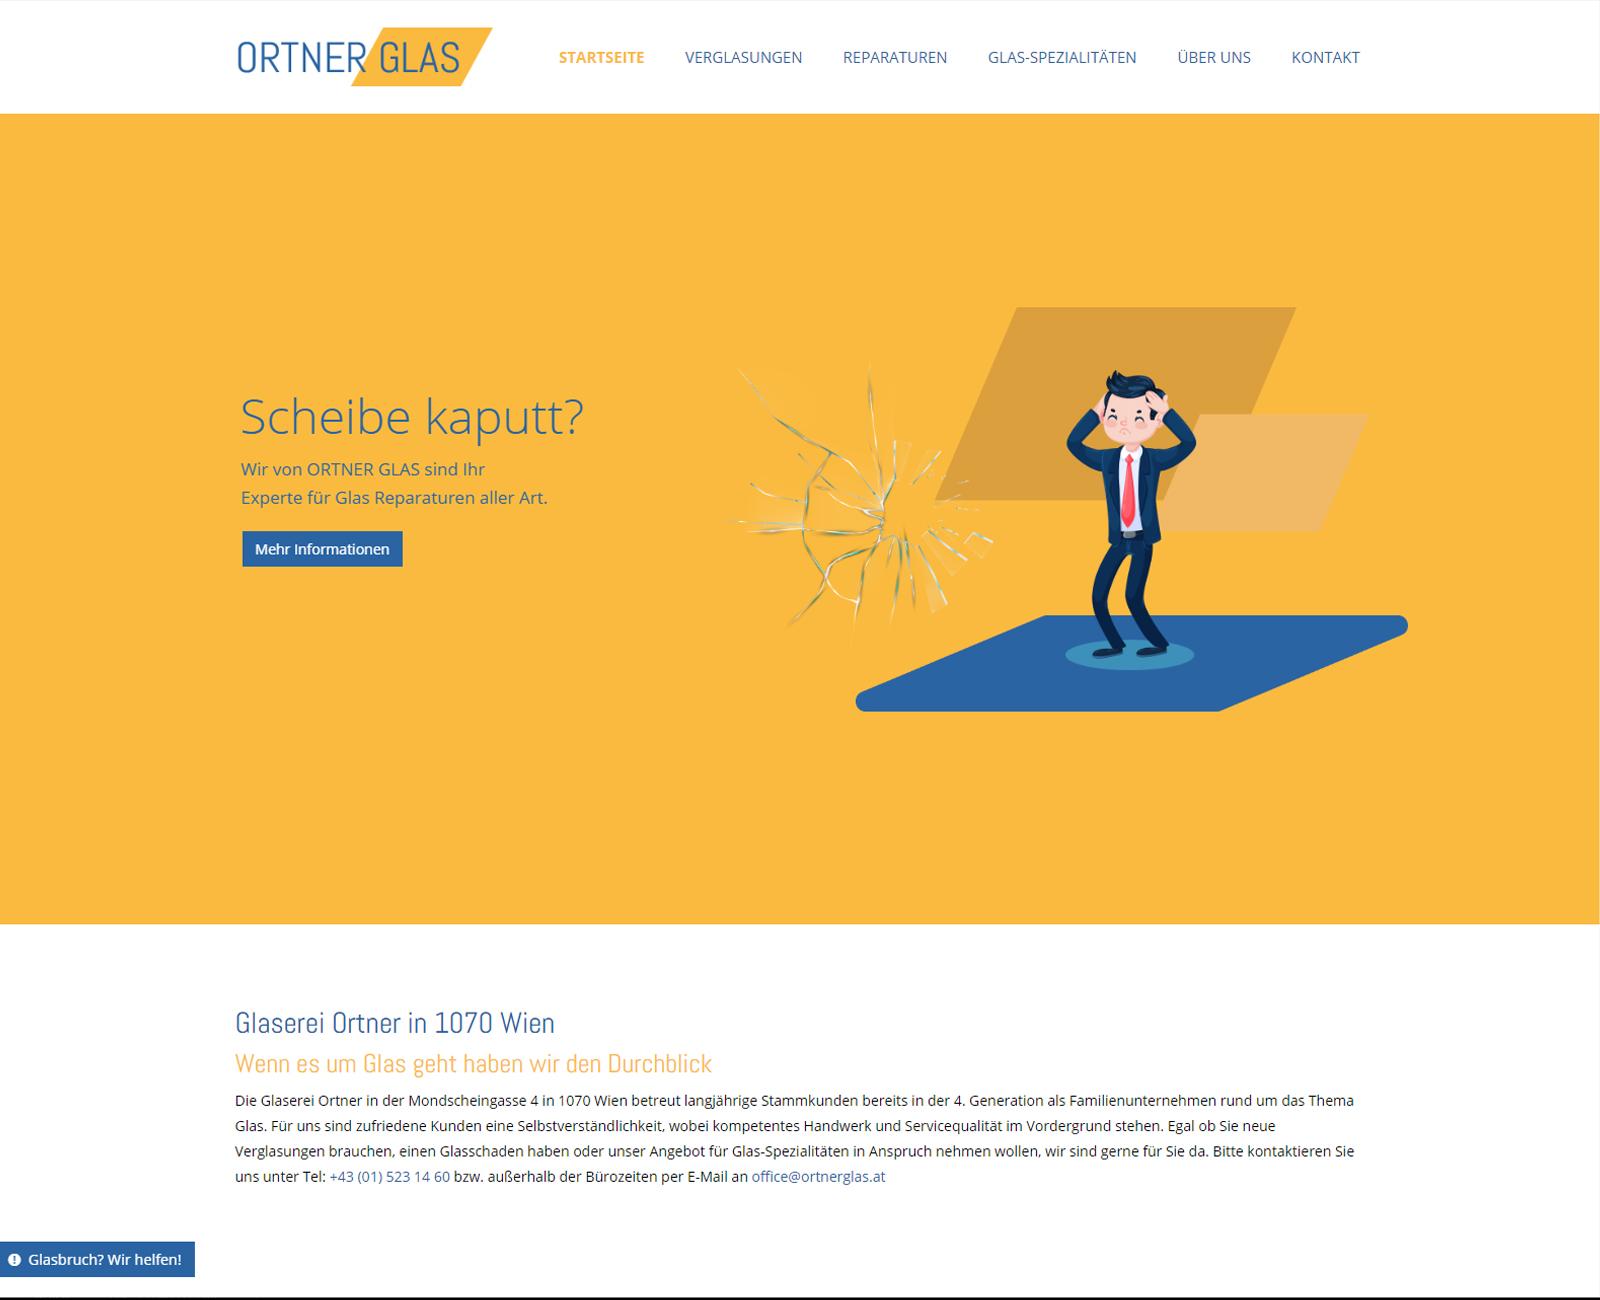 Ortner Glas Website nach Redesign